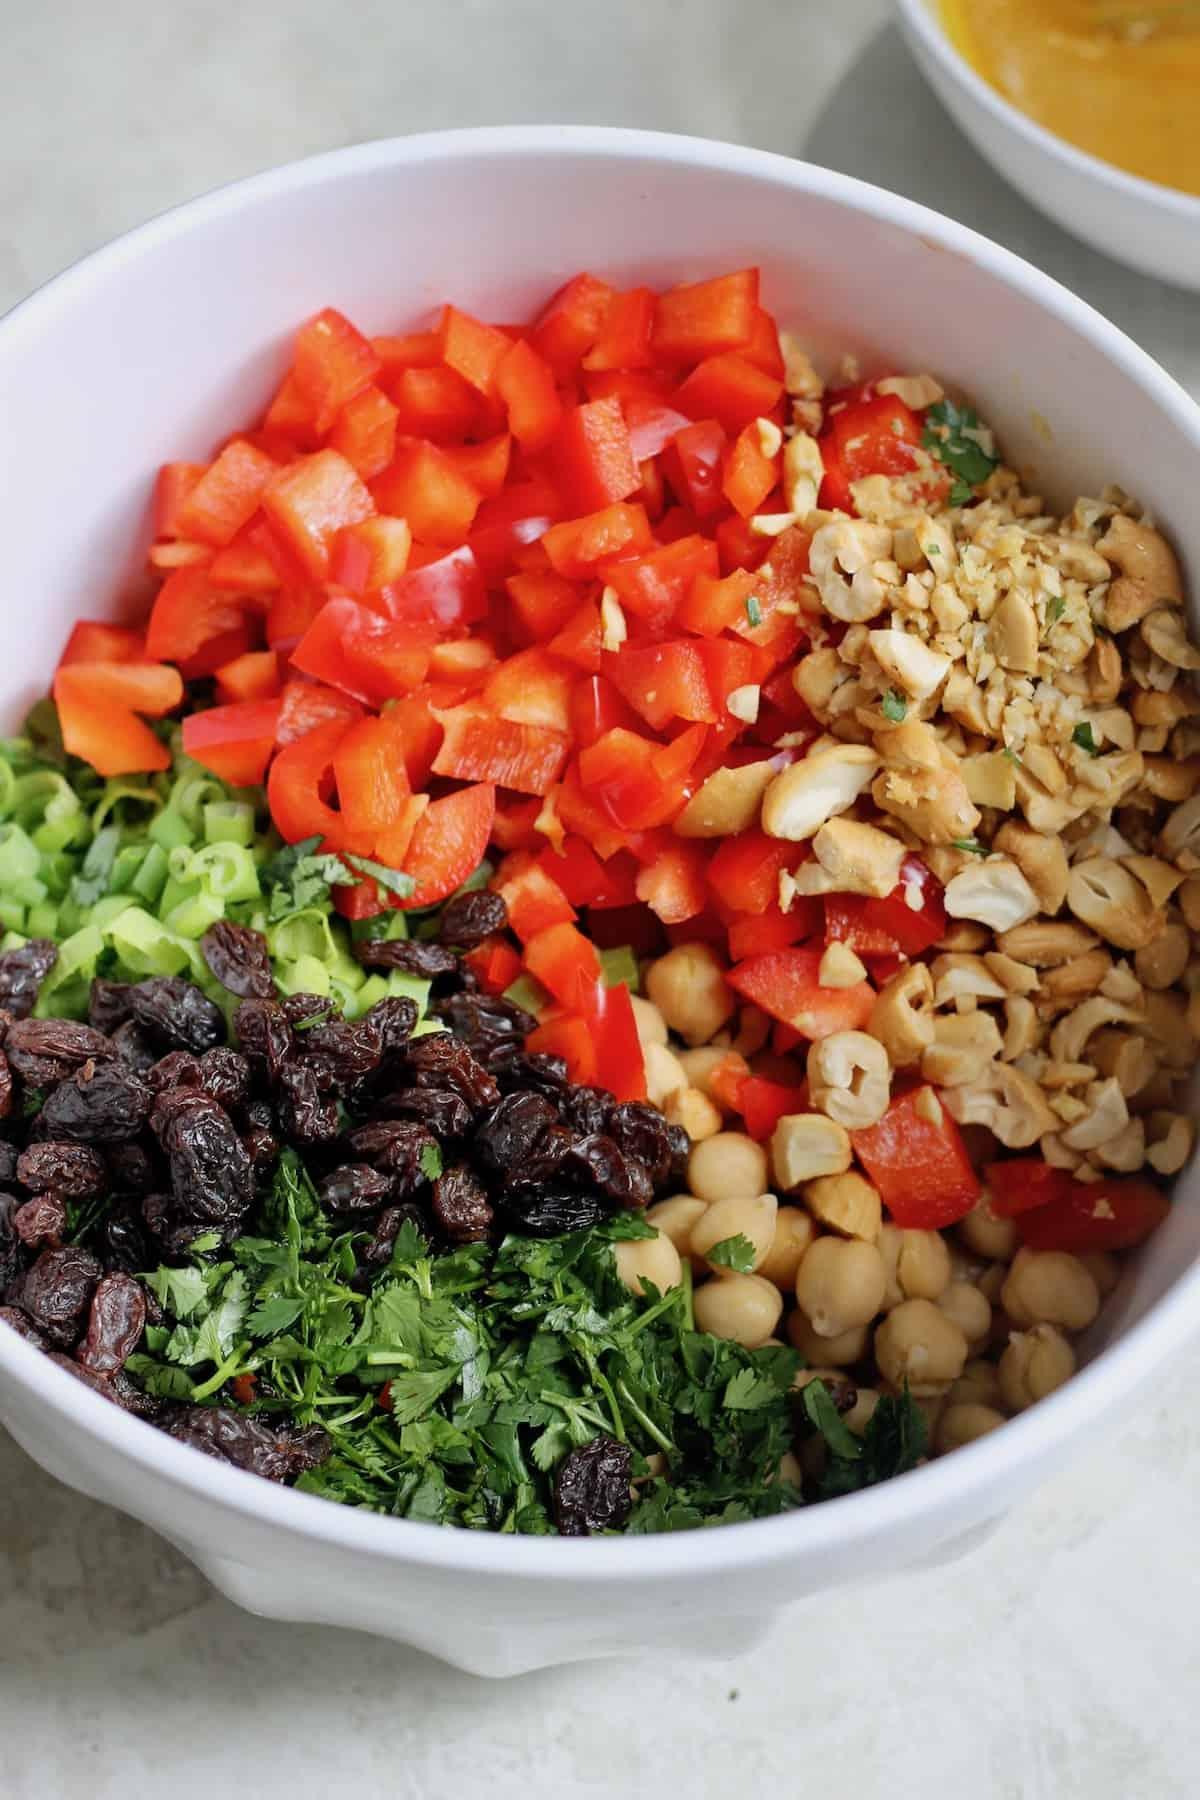 mixing bowl of salad ingredients